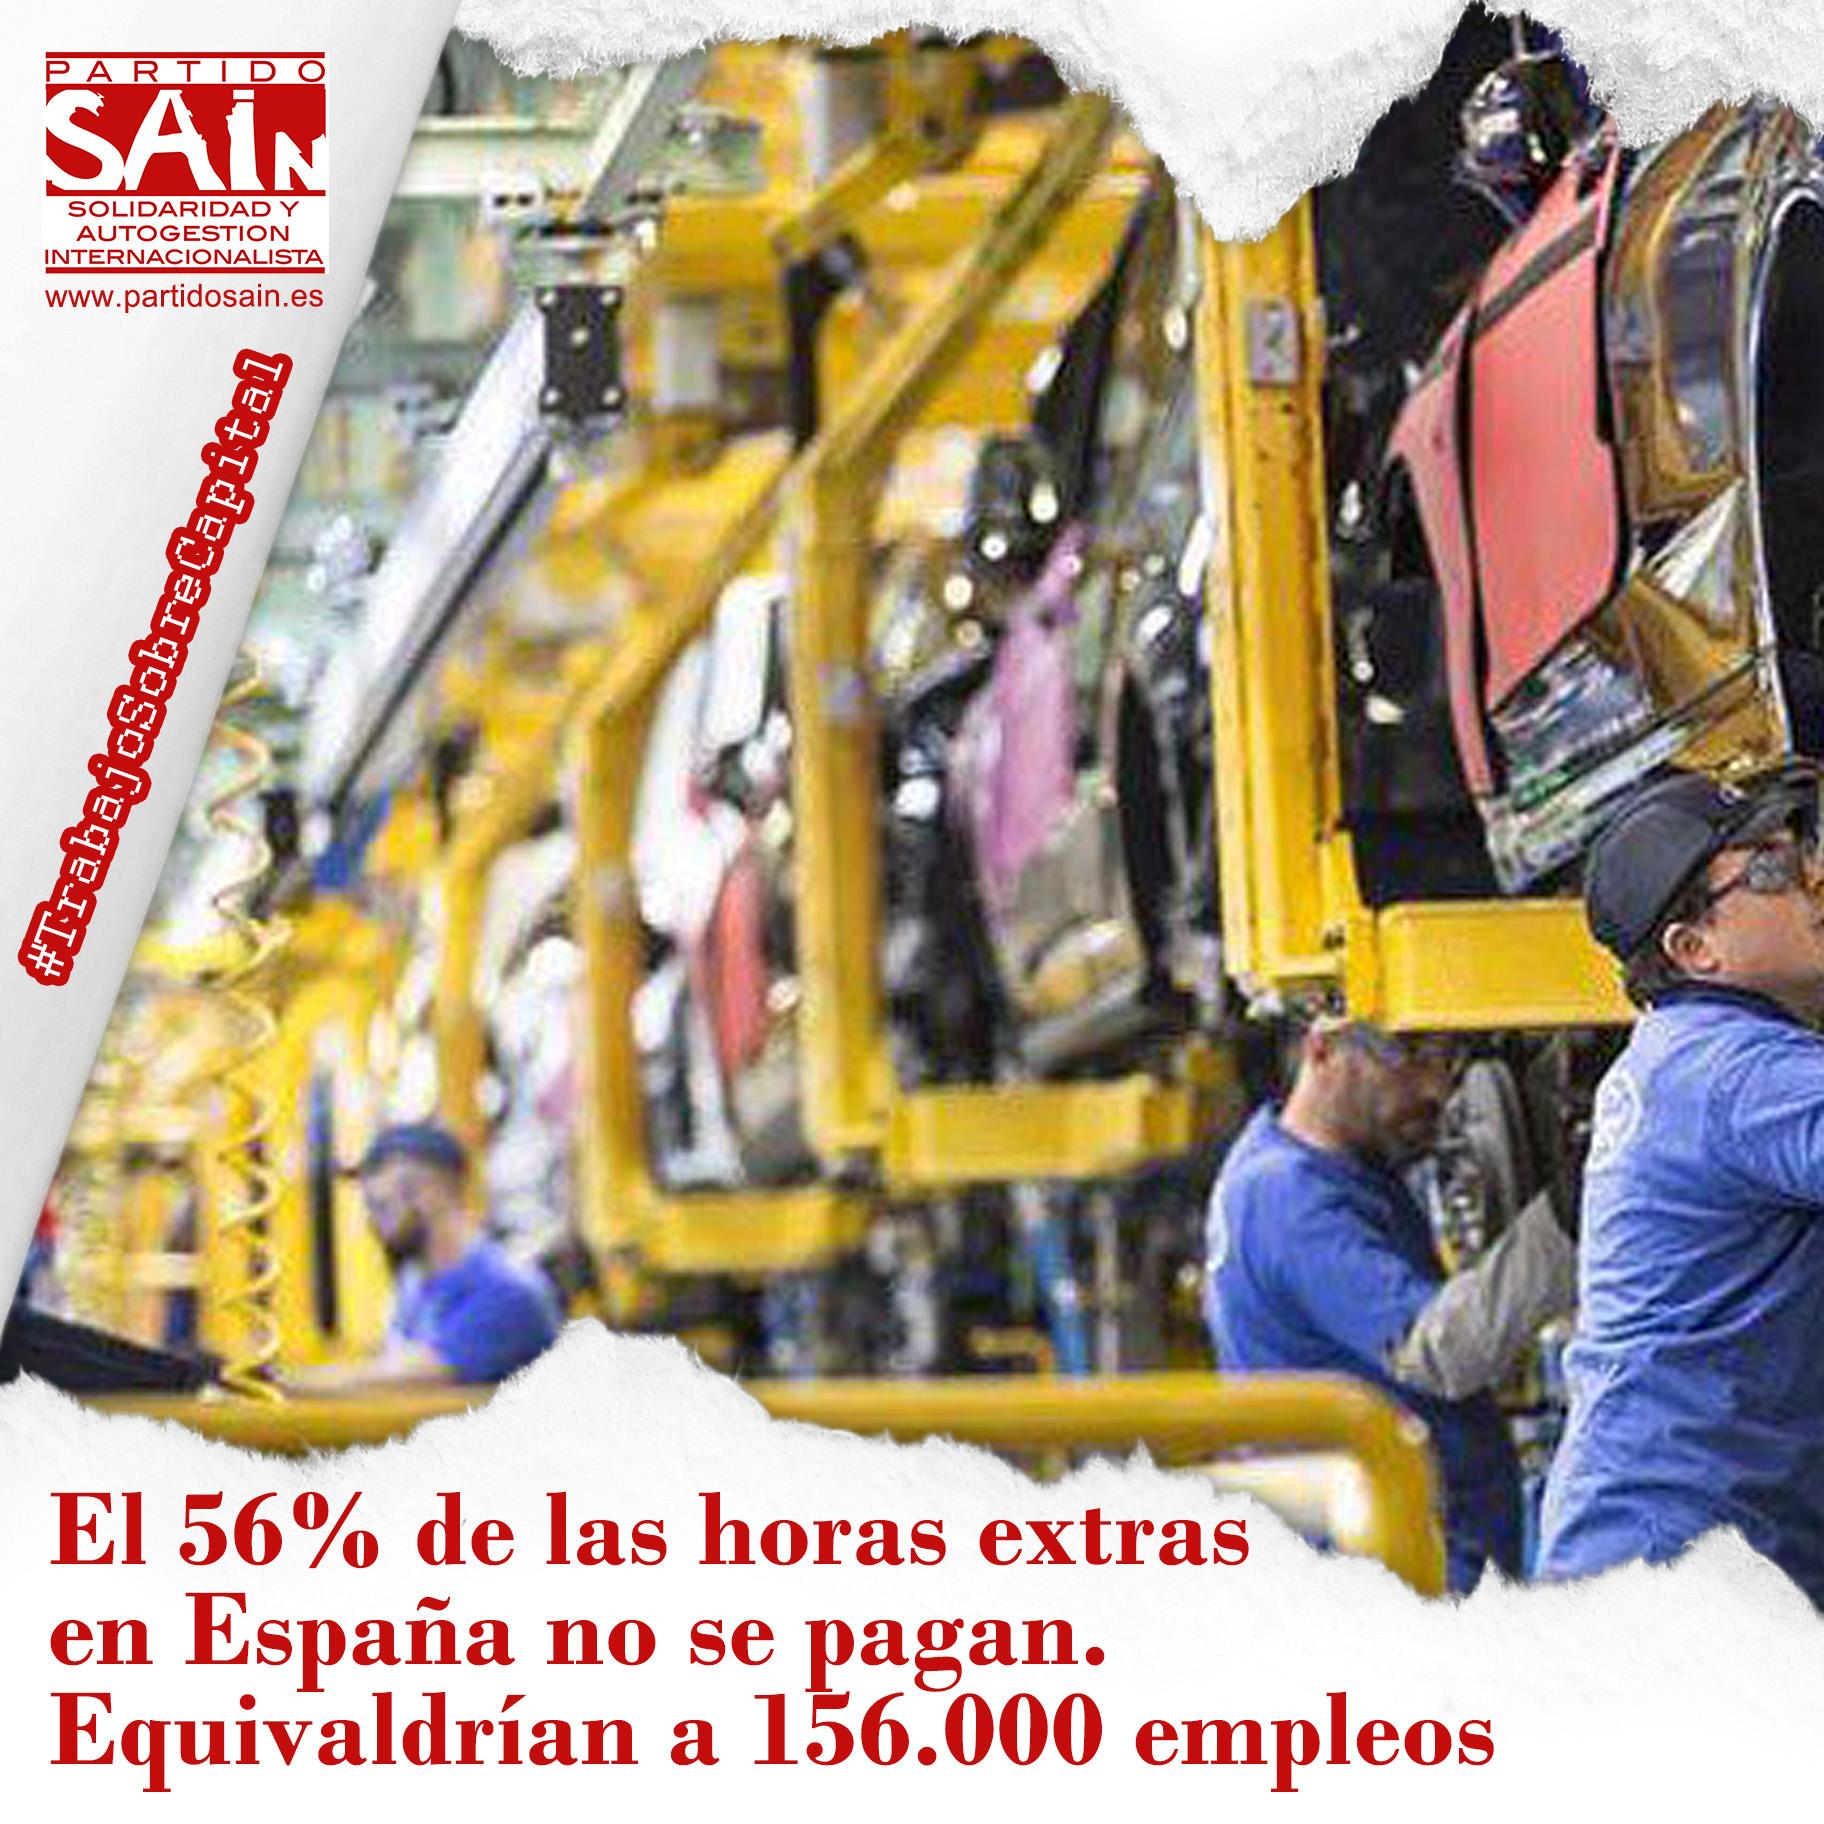 El 56% de las horas extra en España no se pagan y equivaldrían a 156.000 empleos